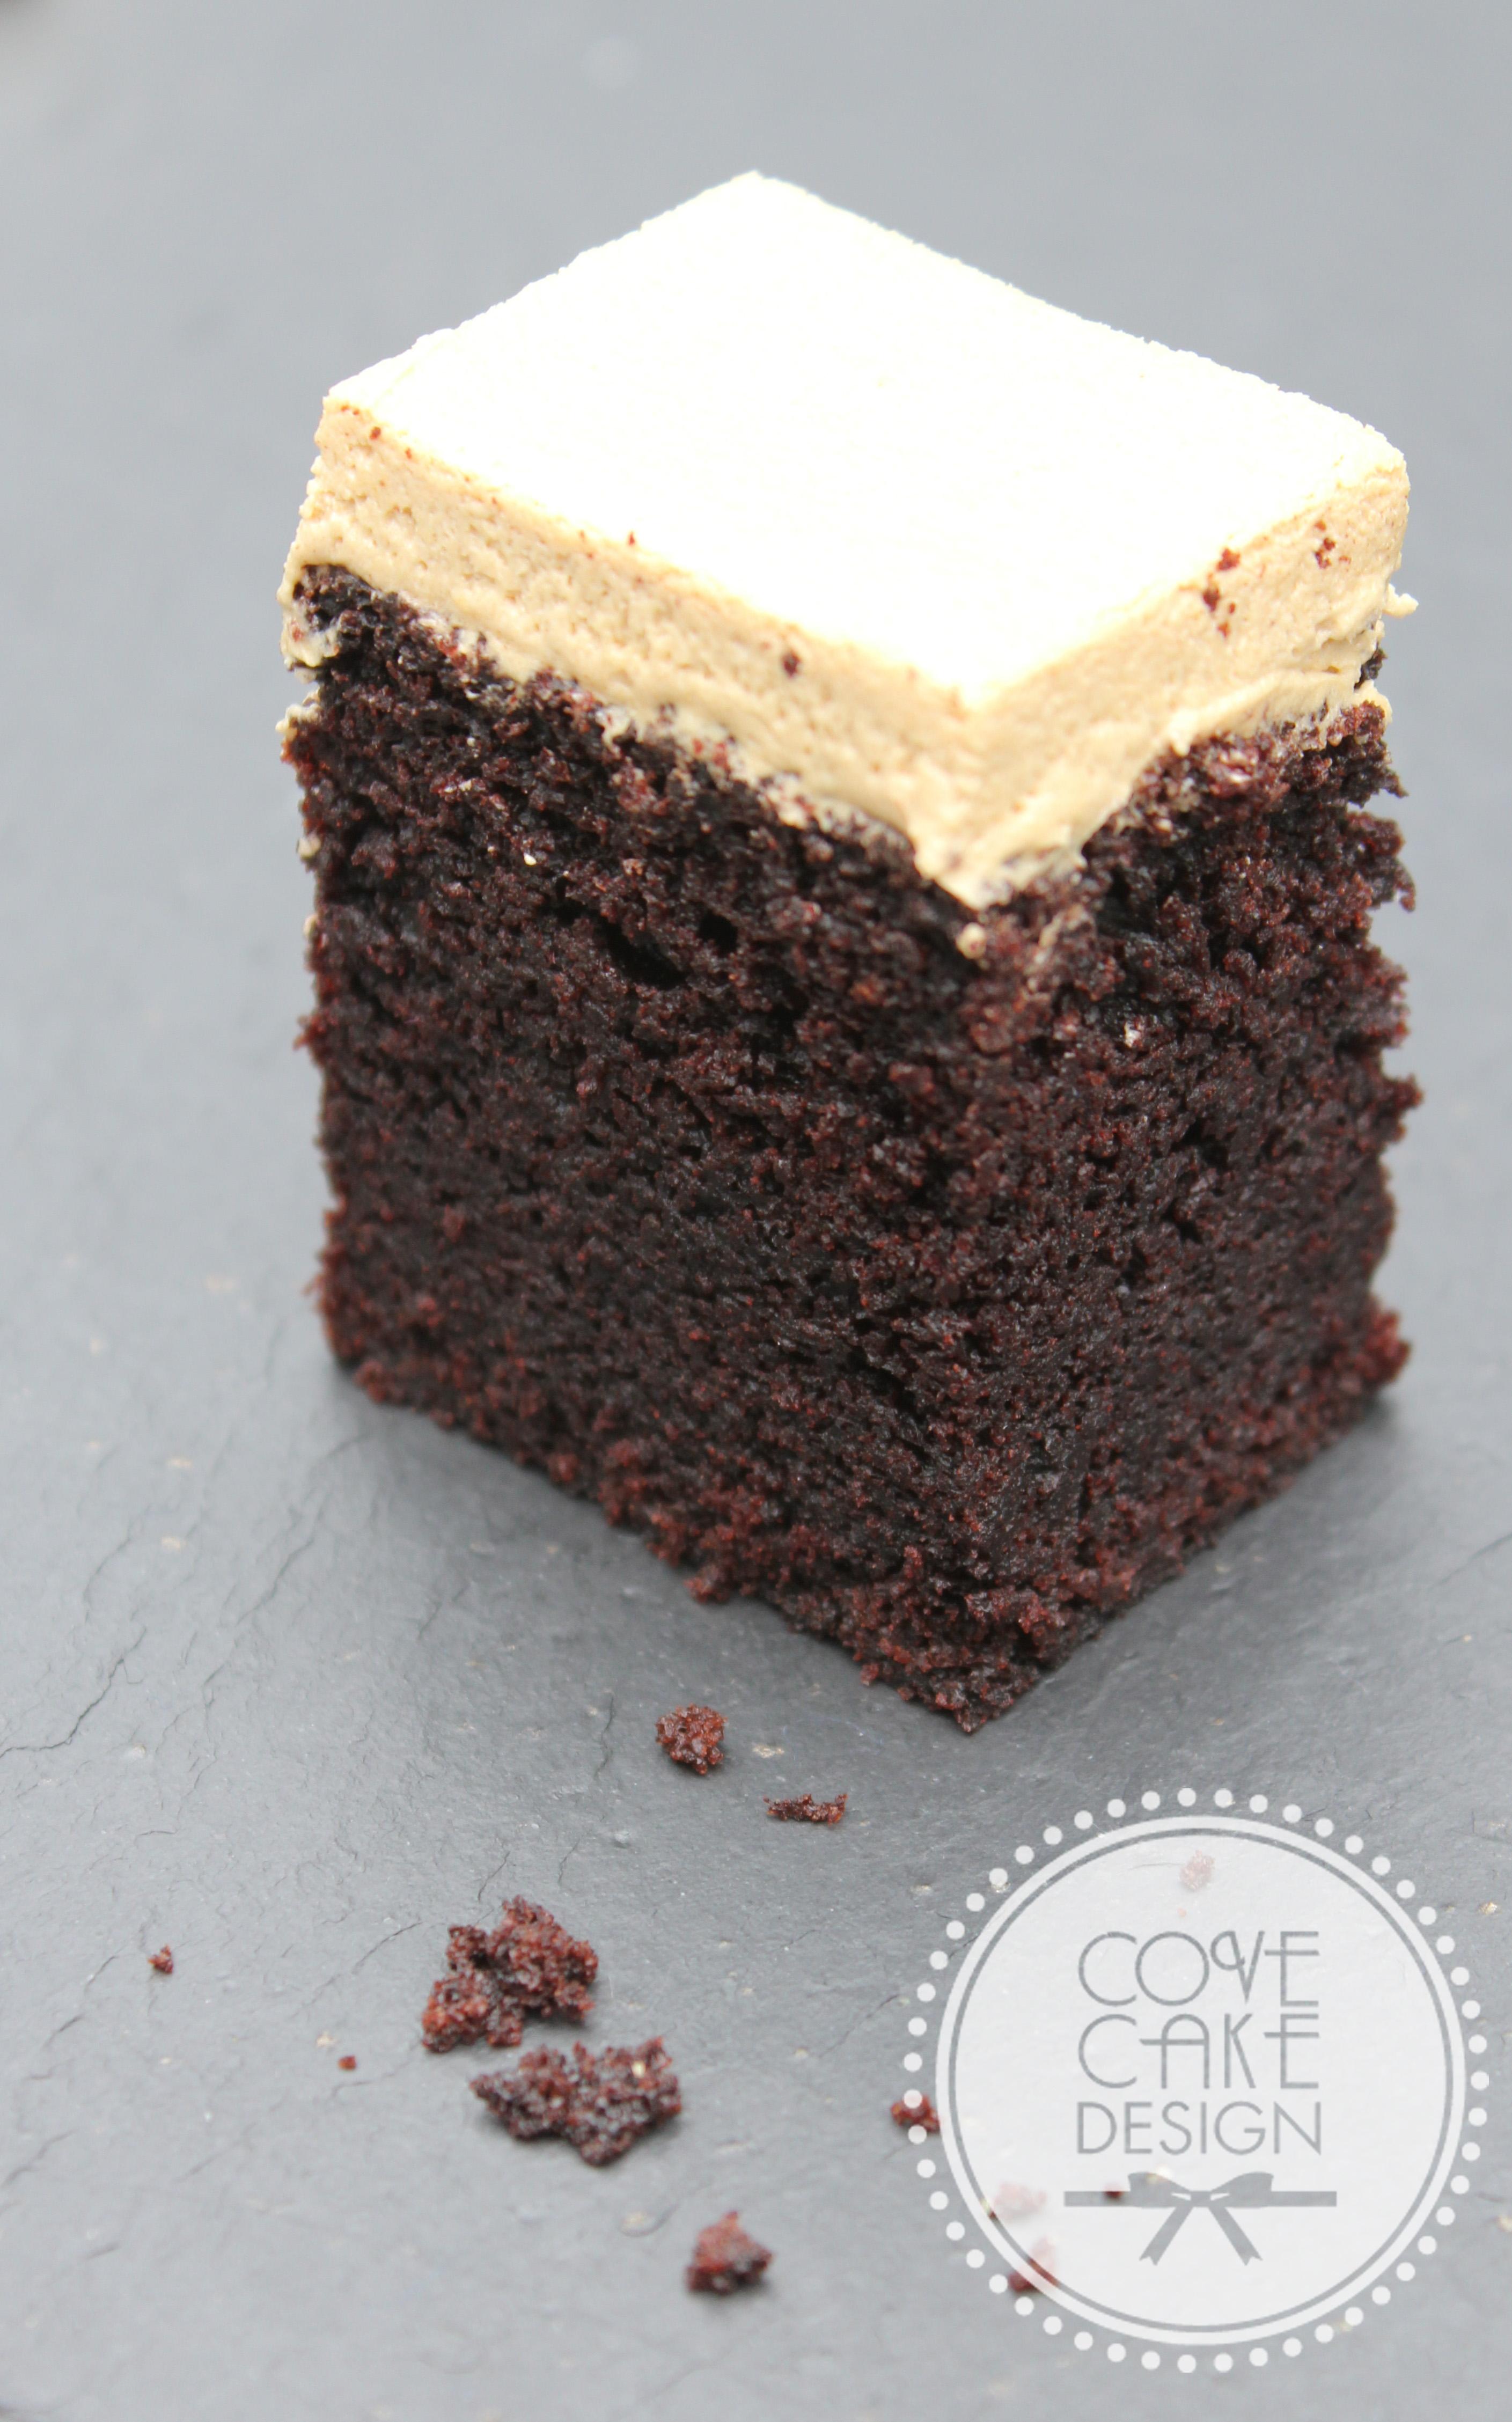 Caramelised White Chocolate Cove Cake Design Bespoke Wedding Cakes